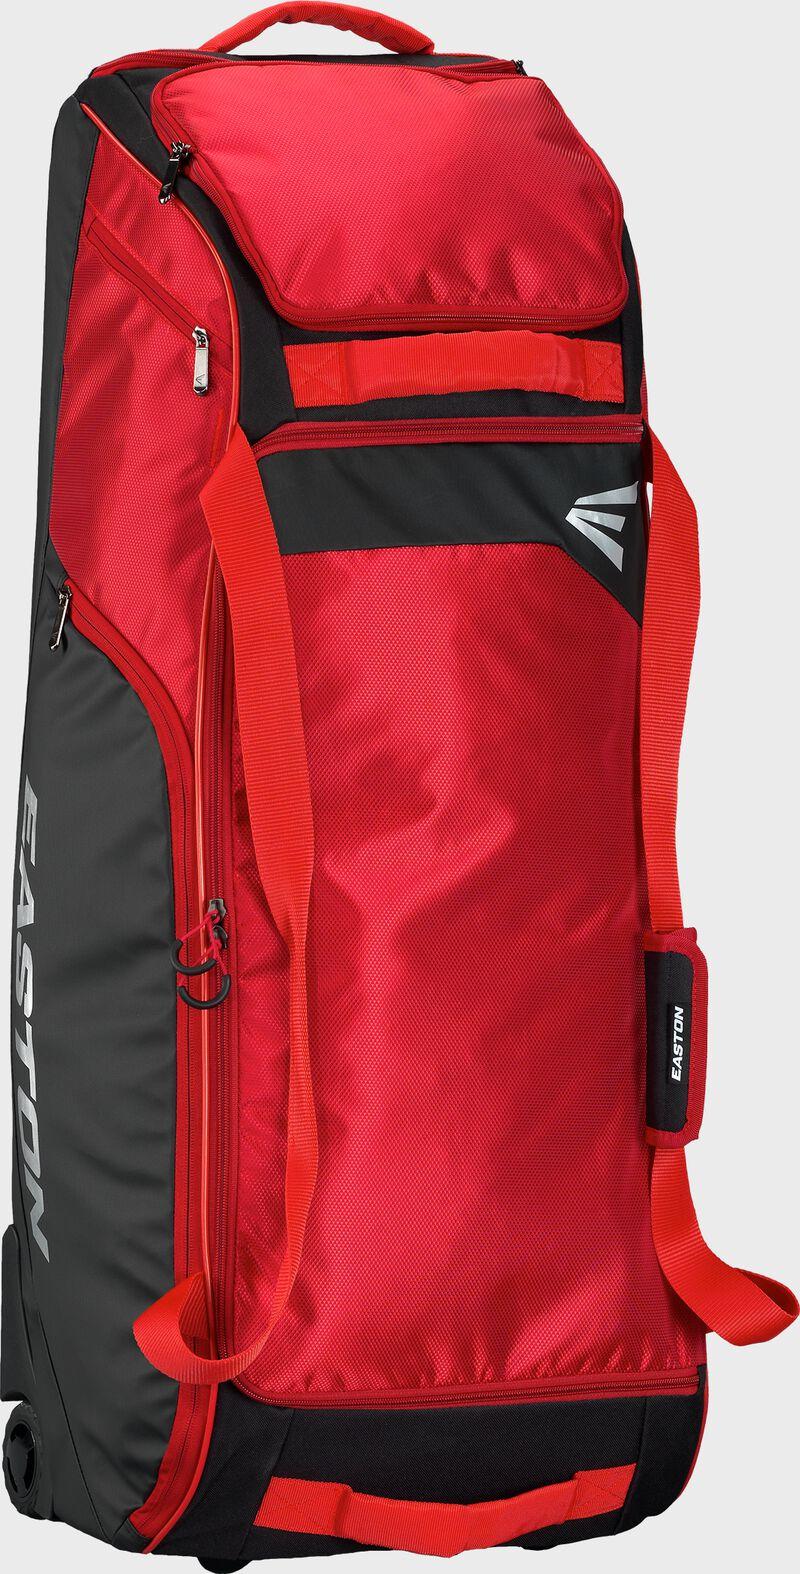 Dugout Wheeled Bag | RD